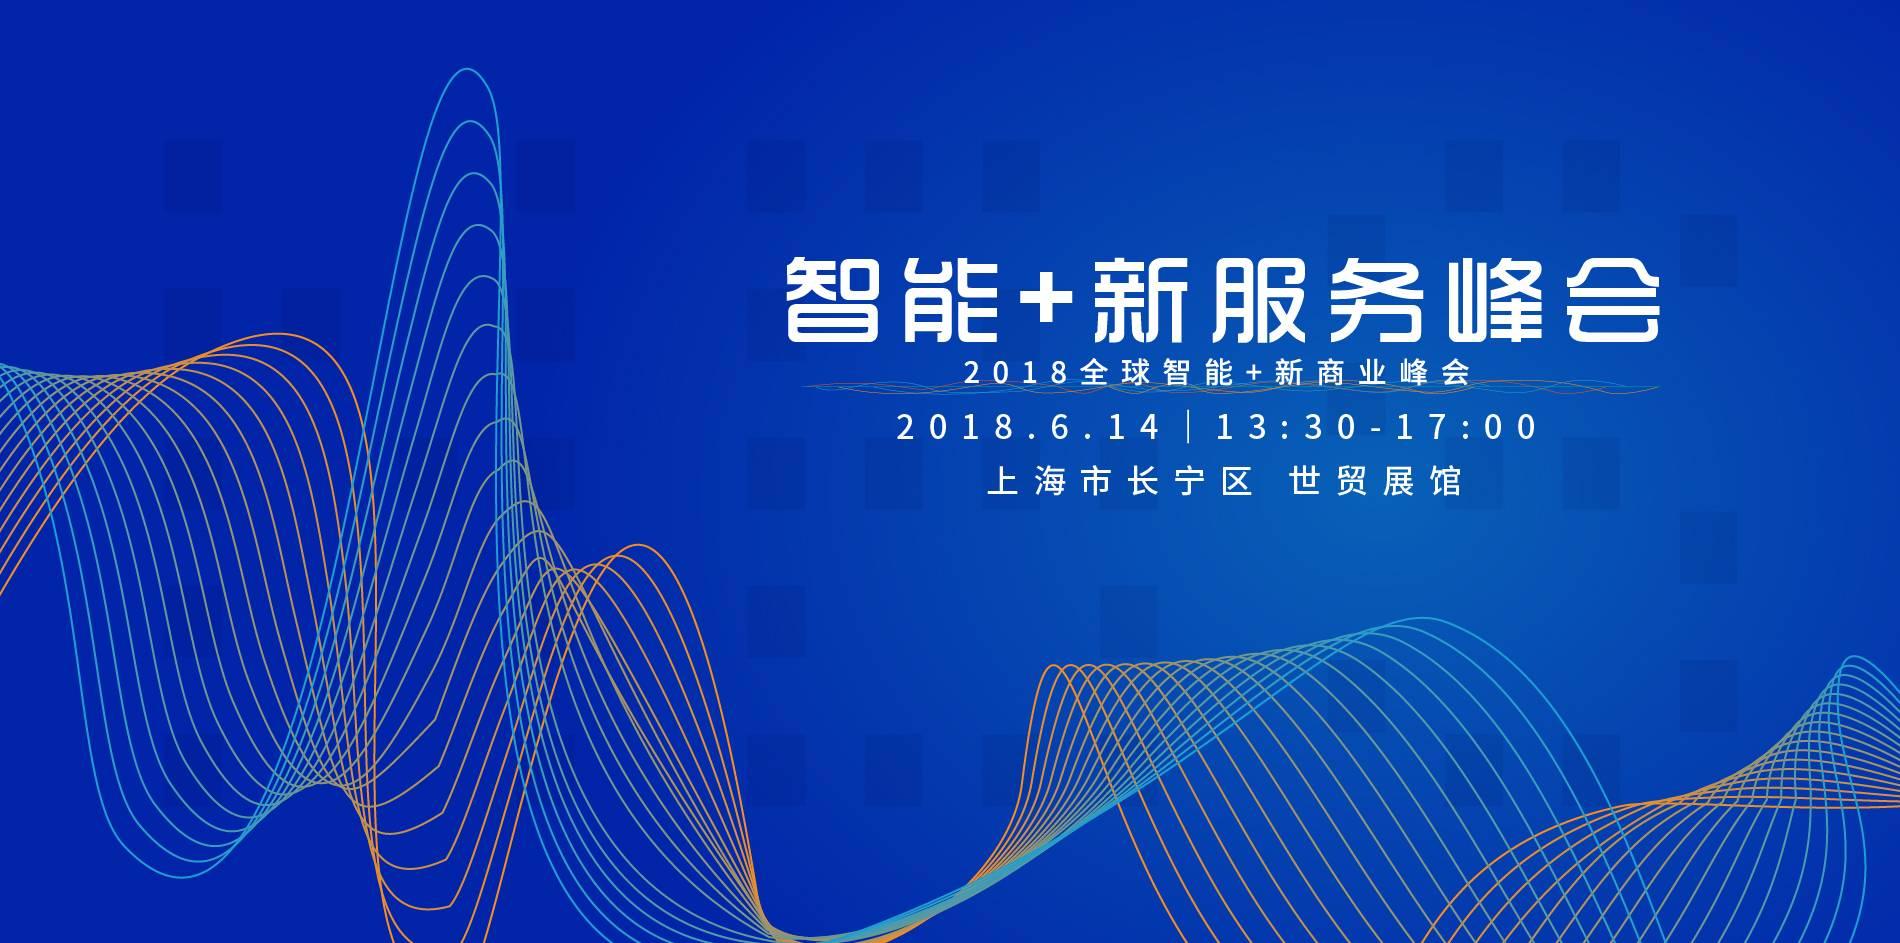 【活动】2018全球智能+新商业峰会——智能+新服务峰会(官方报名渠道)-亿欧